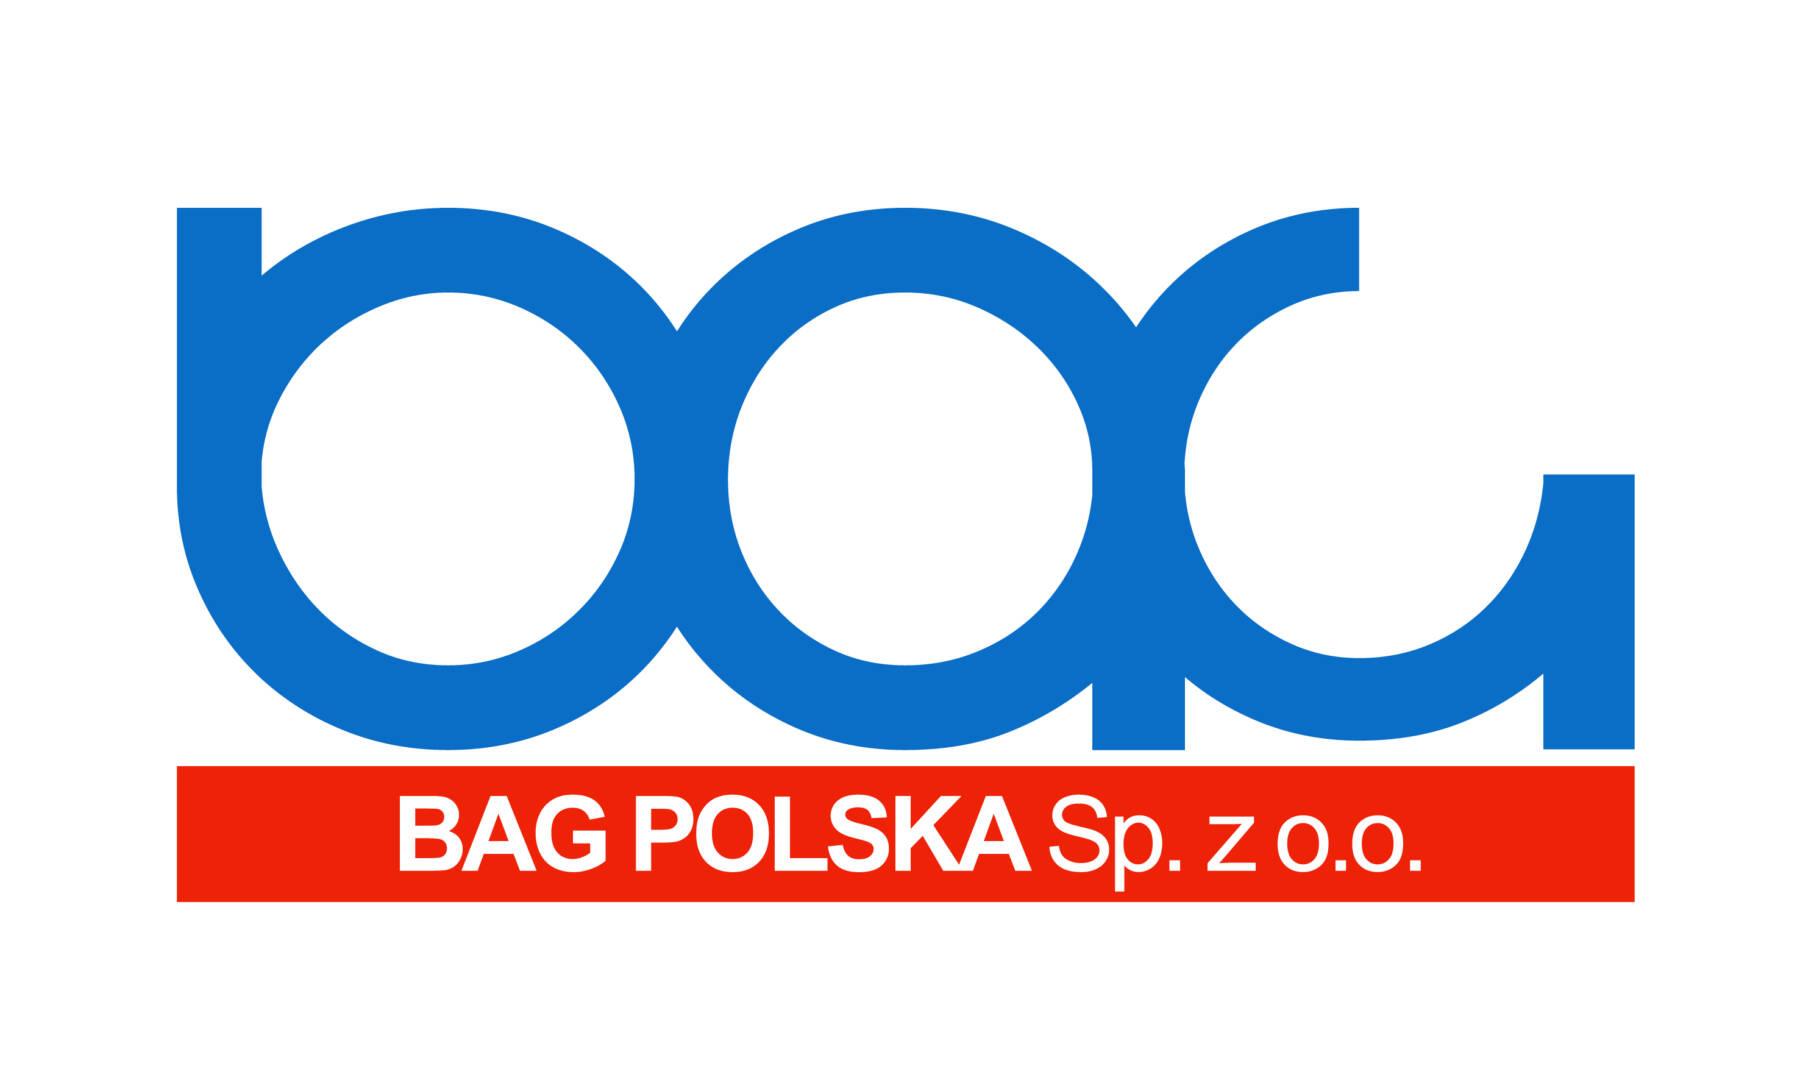 BAG POLSKA